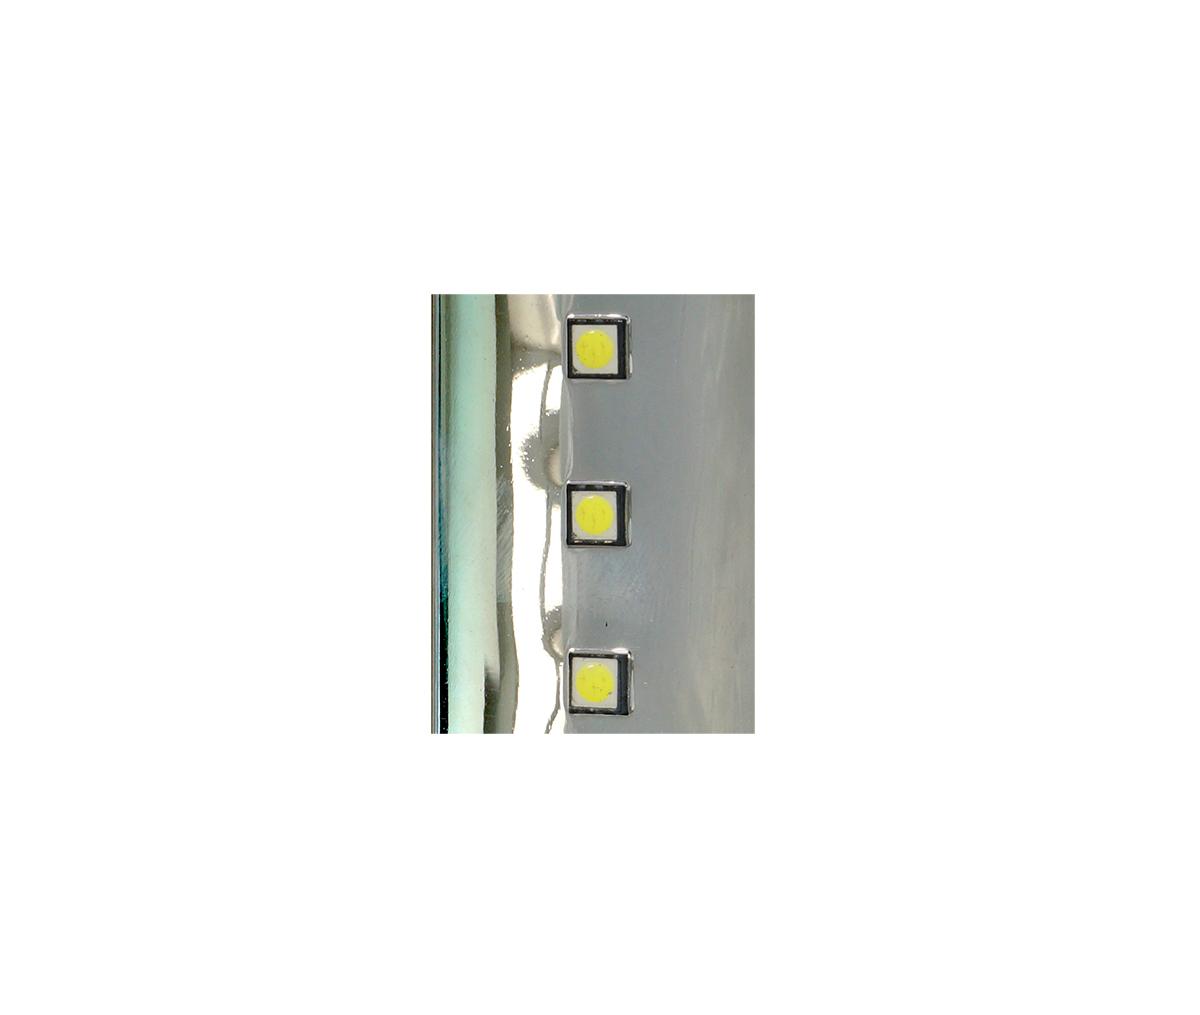 Lampade per il bagno ikea : lampada per specchio bagno ikea ...